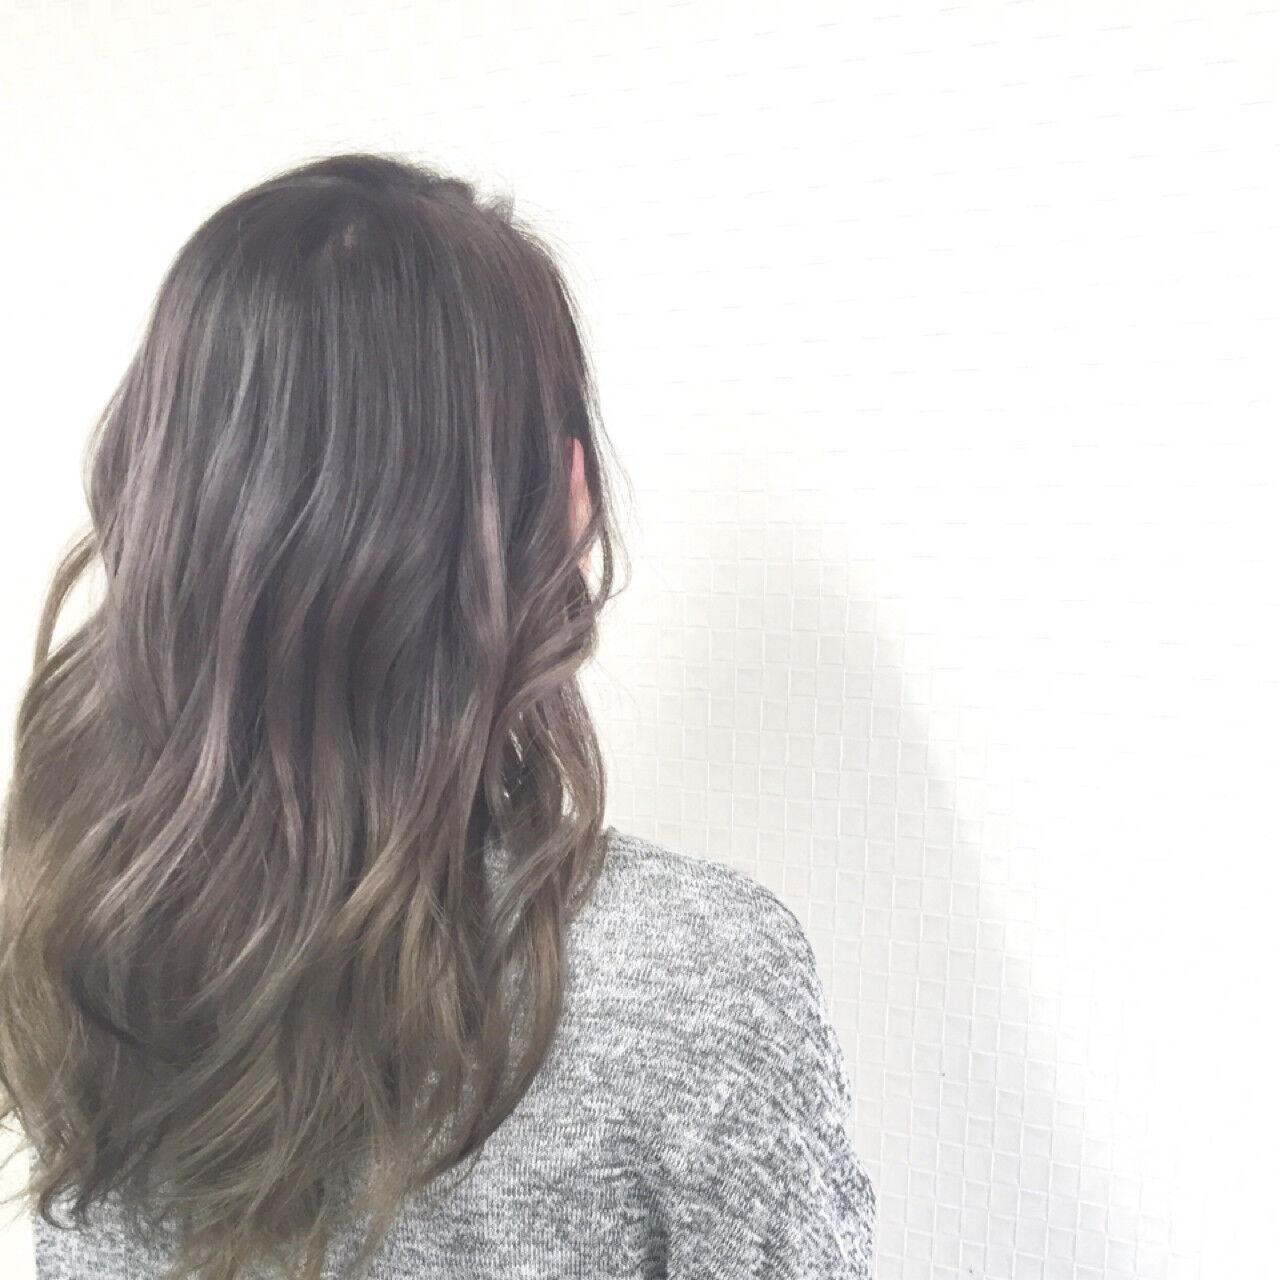 セミロング グラデーションカラー アッシュ ナチュラルヘアスタイルや髪型の写真・画像